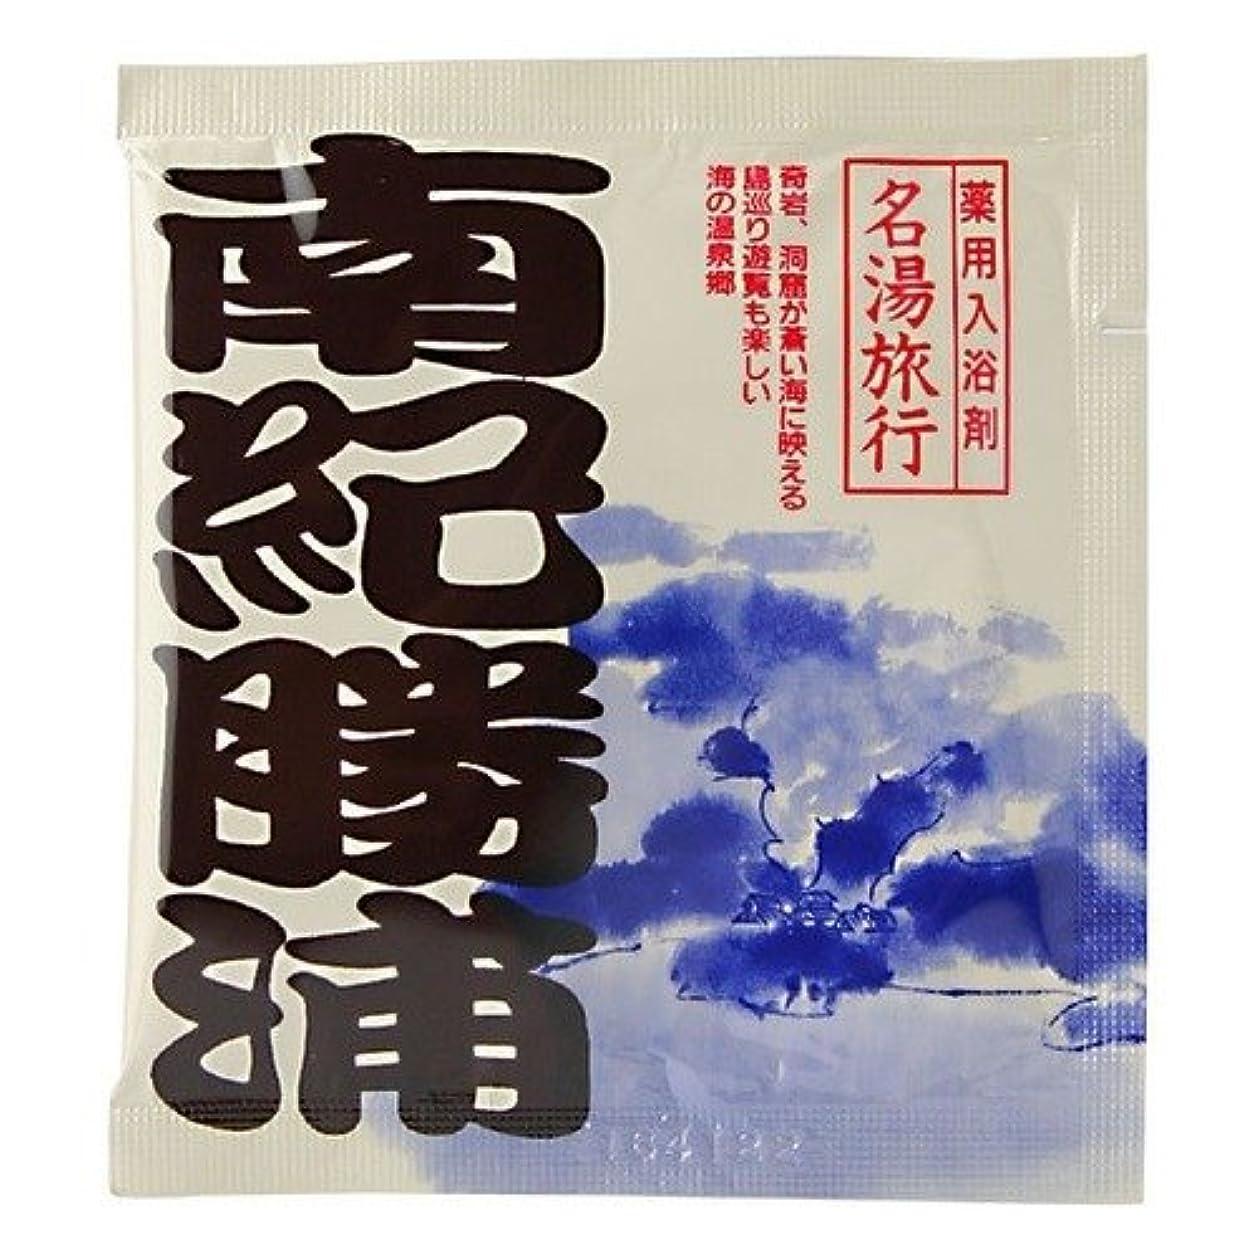 五洲薬品 名湯旅行 南紀勝浦 25g 4987332126737